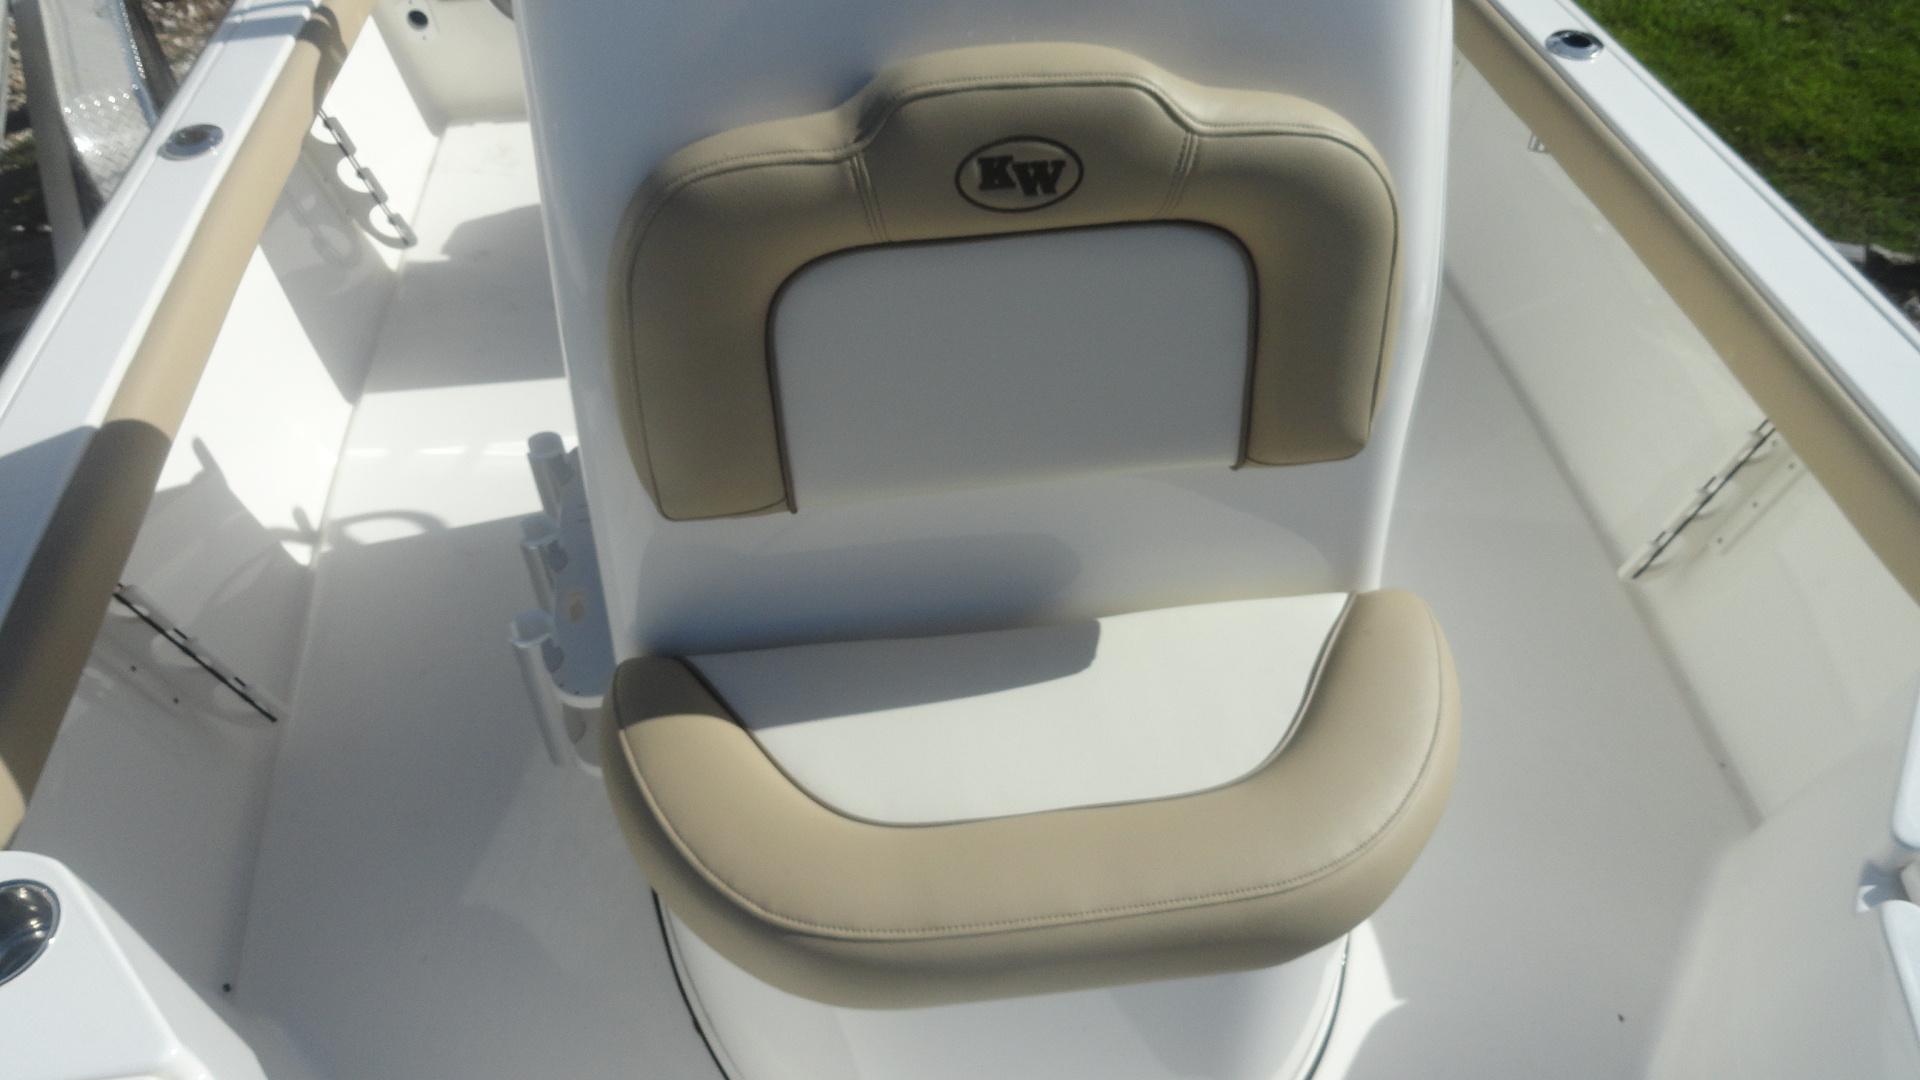 https://0201.nccdn.net/1_2/000/000/181/4d2/210-BR--inside-console-seat-1920x1080.jpg